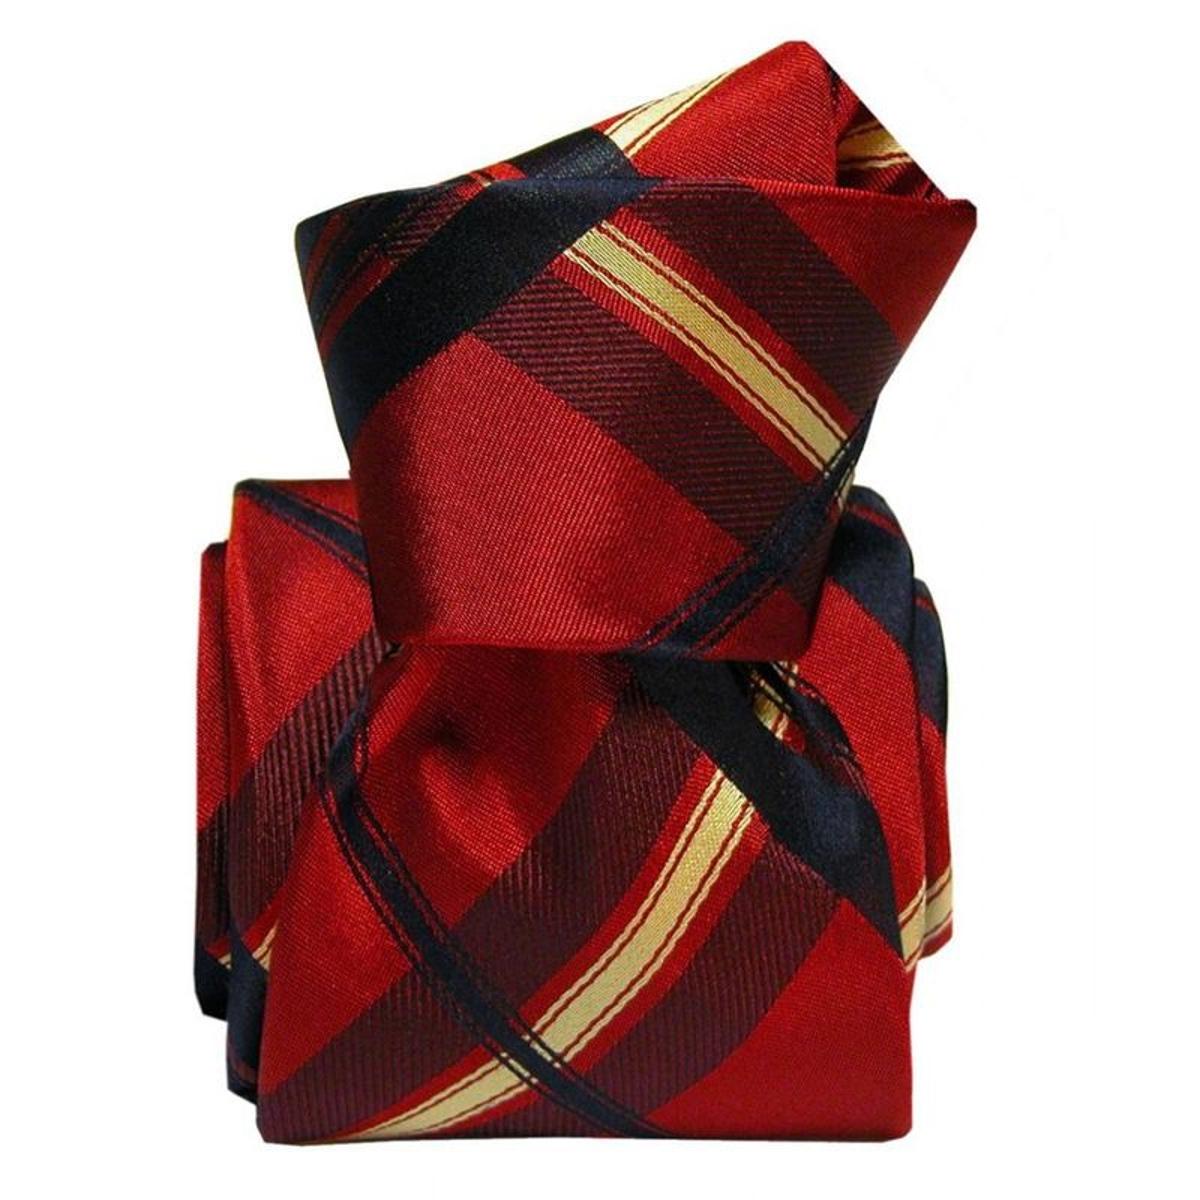 Cravate luxe Rimini. Soie carreaux